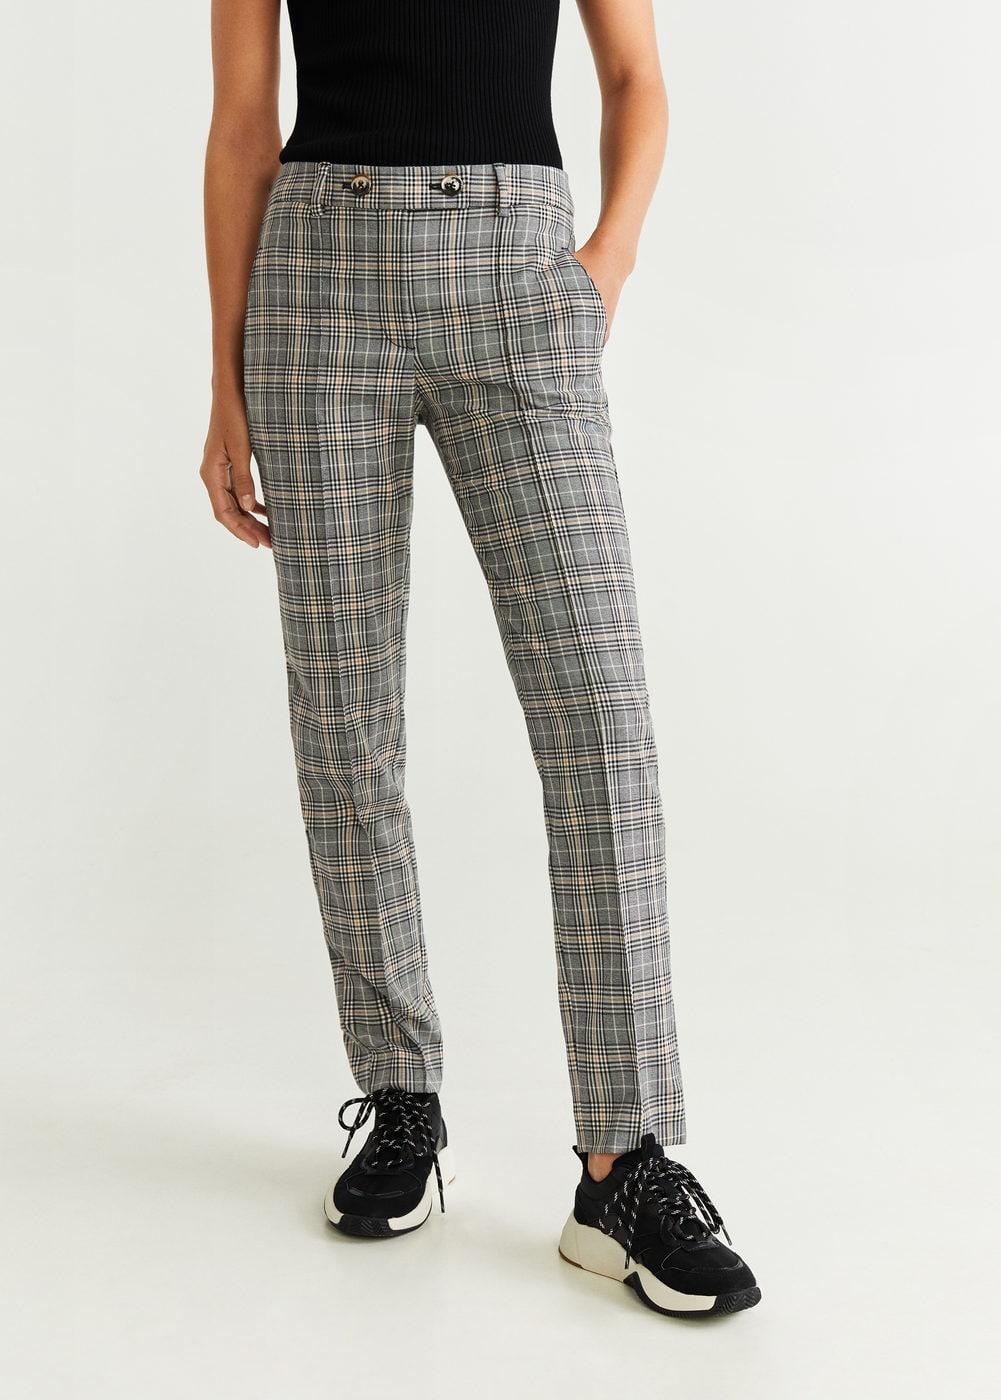 m-alberto5:pantalon recto algodon